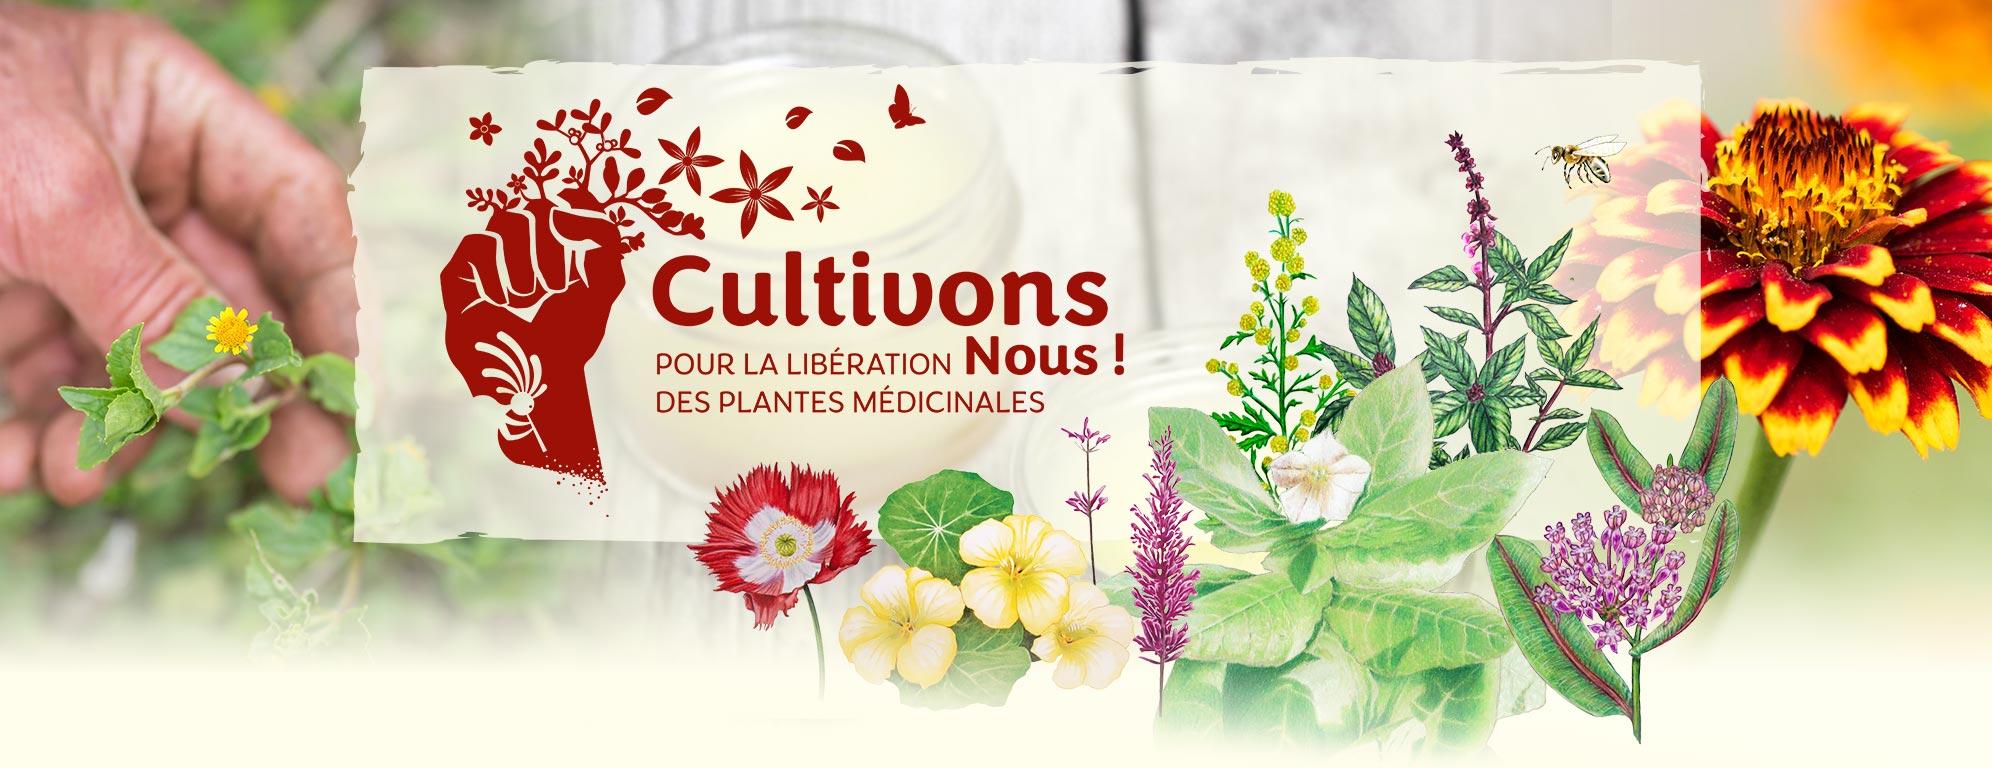 image-entete-CultivonsNous-campagneMedicinales-0